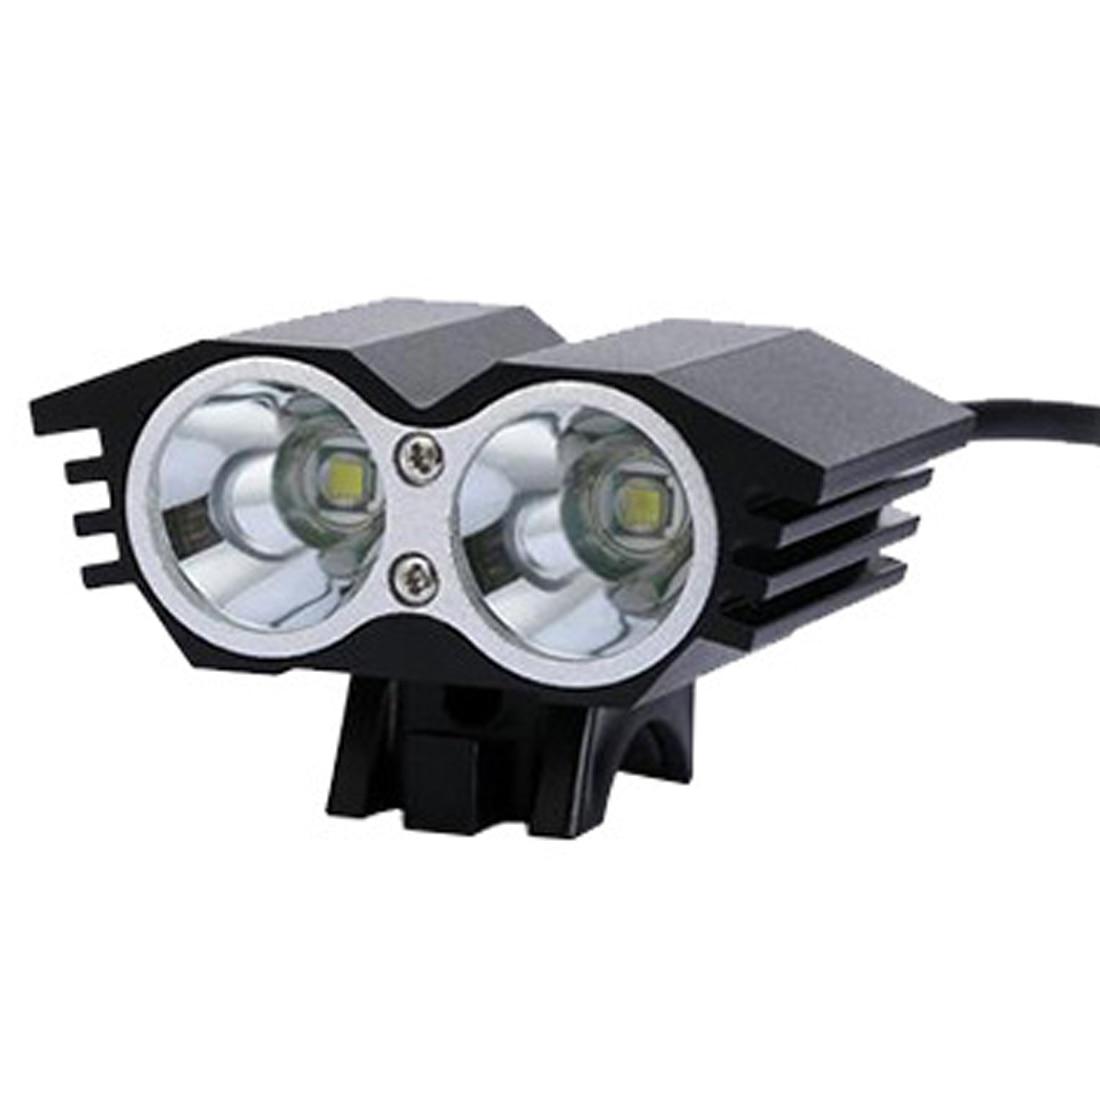 Haute Qualité Vélo Lumière LED lumière vélo lampe de vélo de bicyclette Batterie Pack + Chargeur vélo de montagne bisiklet aksesuar dans Vélo lumière de Sports et loisirs